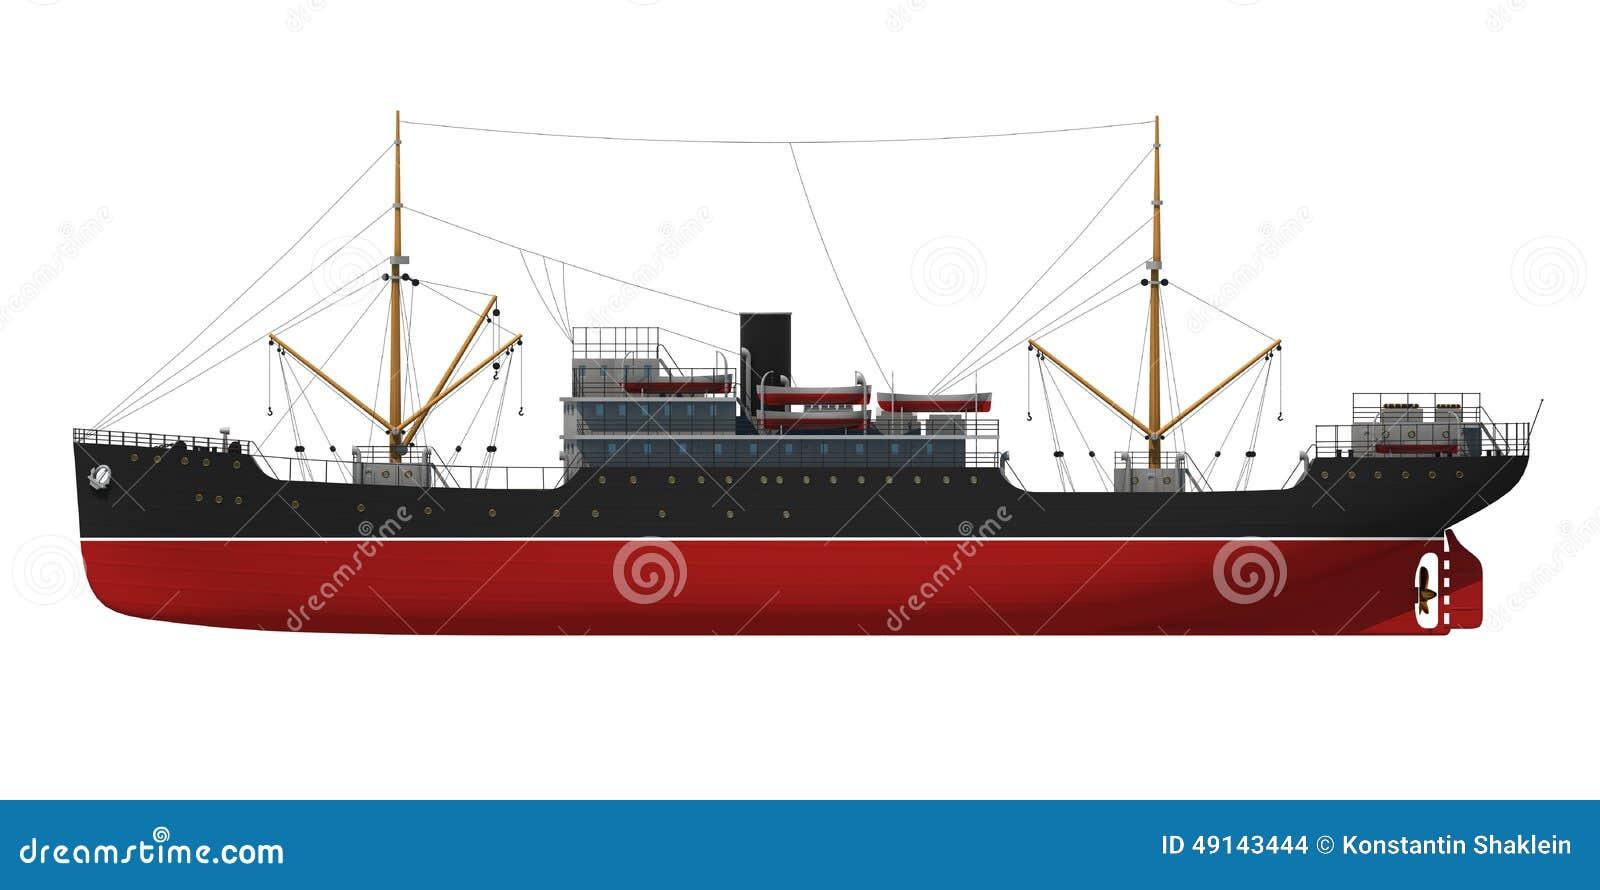 Cargo Ship Stock Illustration - Image: 49143444